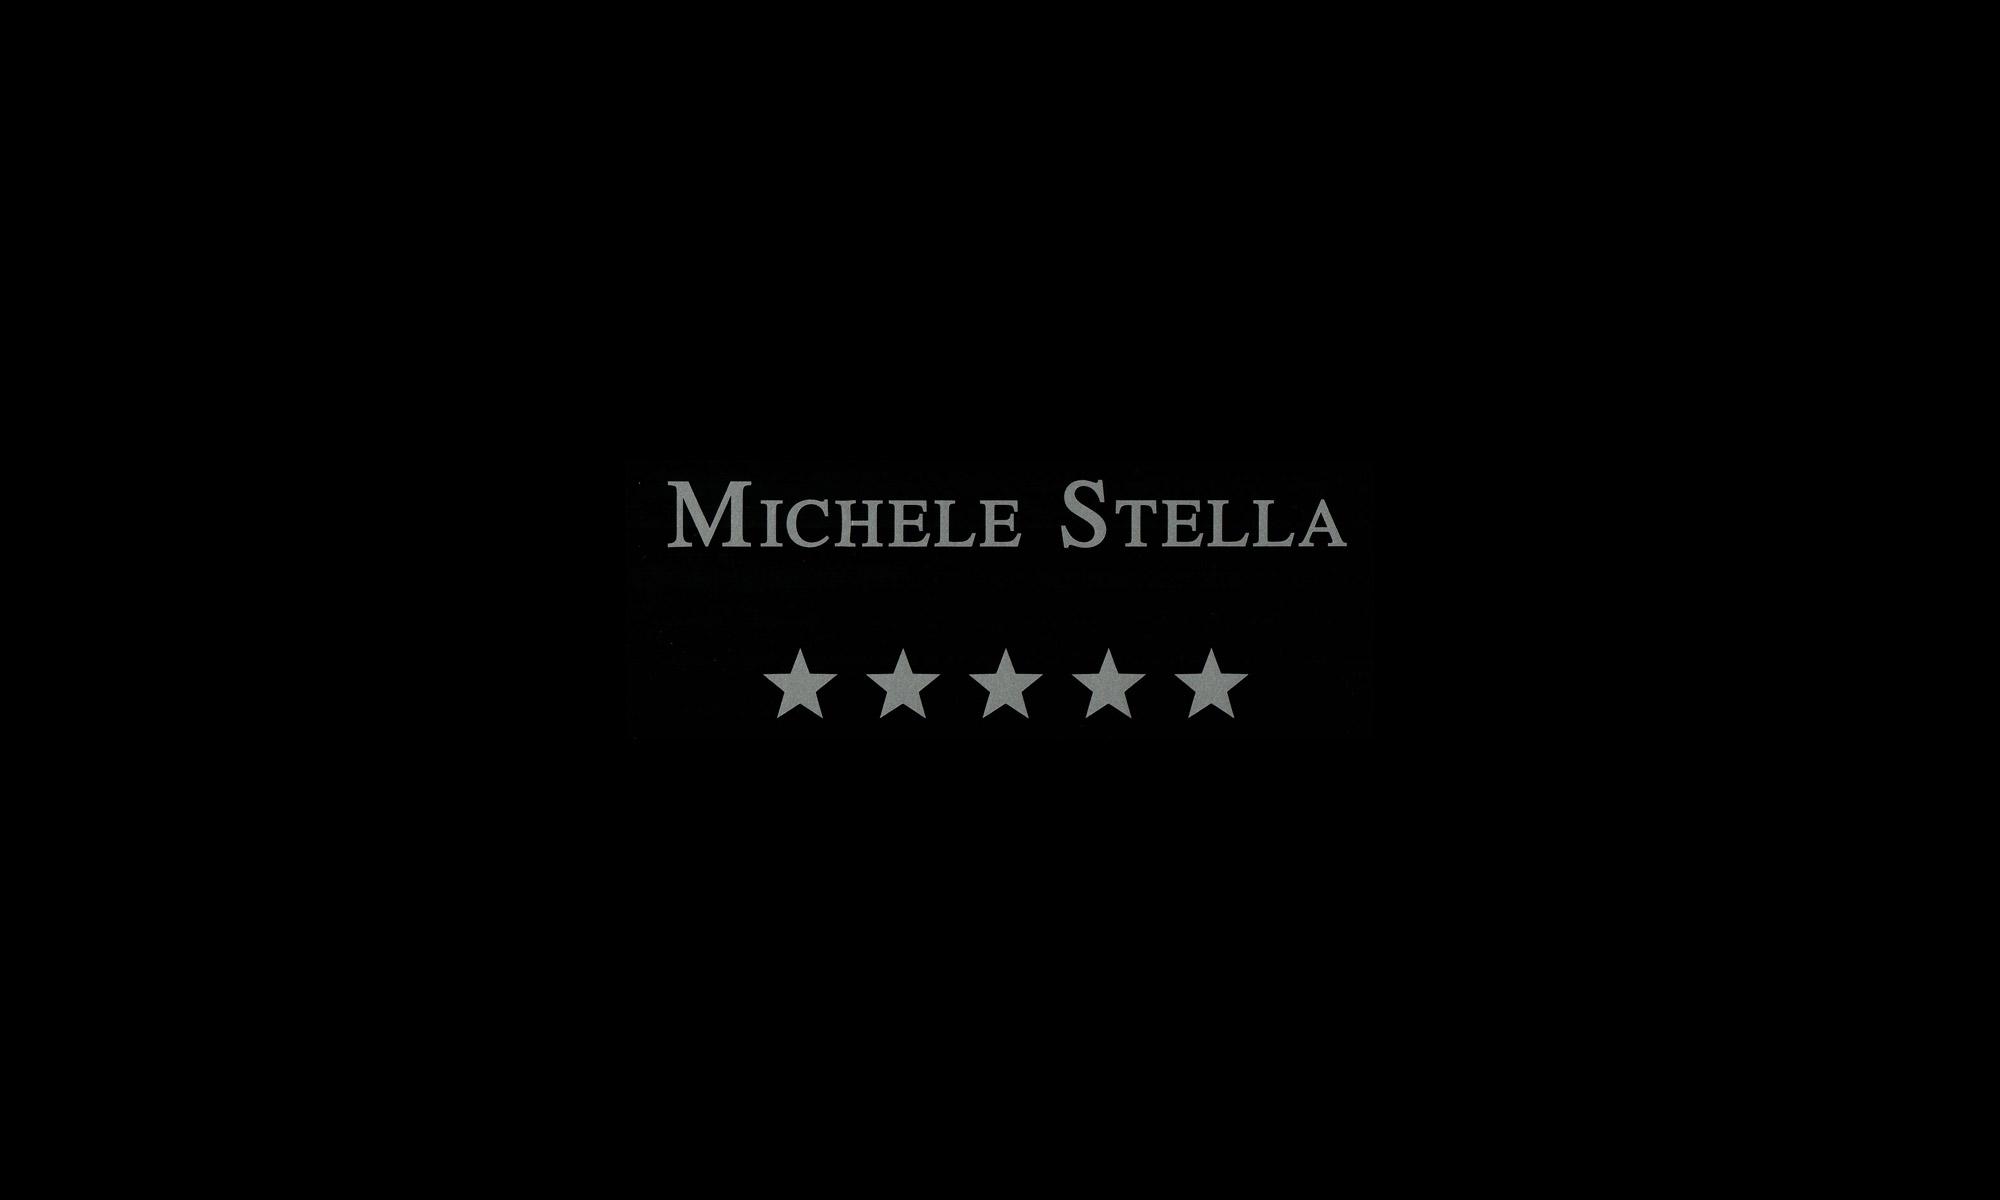 Michele Stella Weinheim